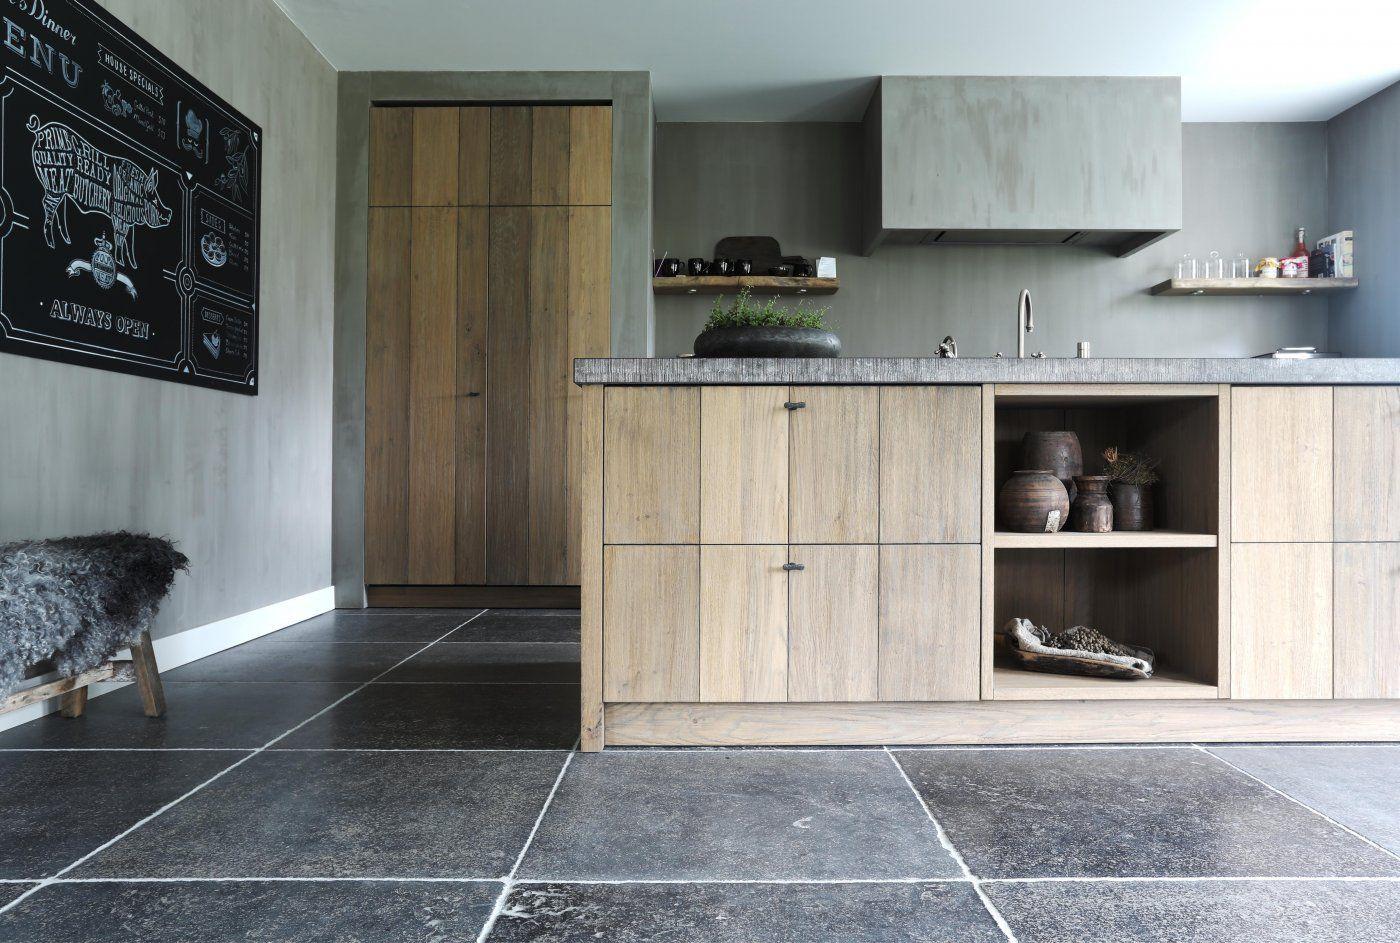 Keuken Nieuwbouw Open : Biens immobiliers à sint idesbald woning open keuken sint